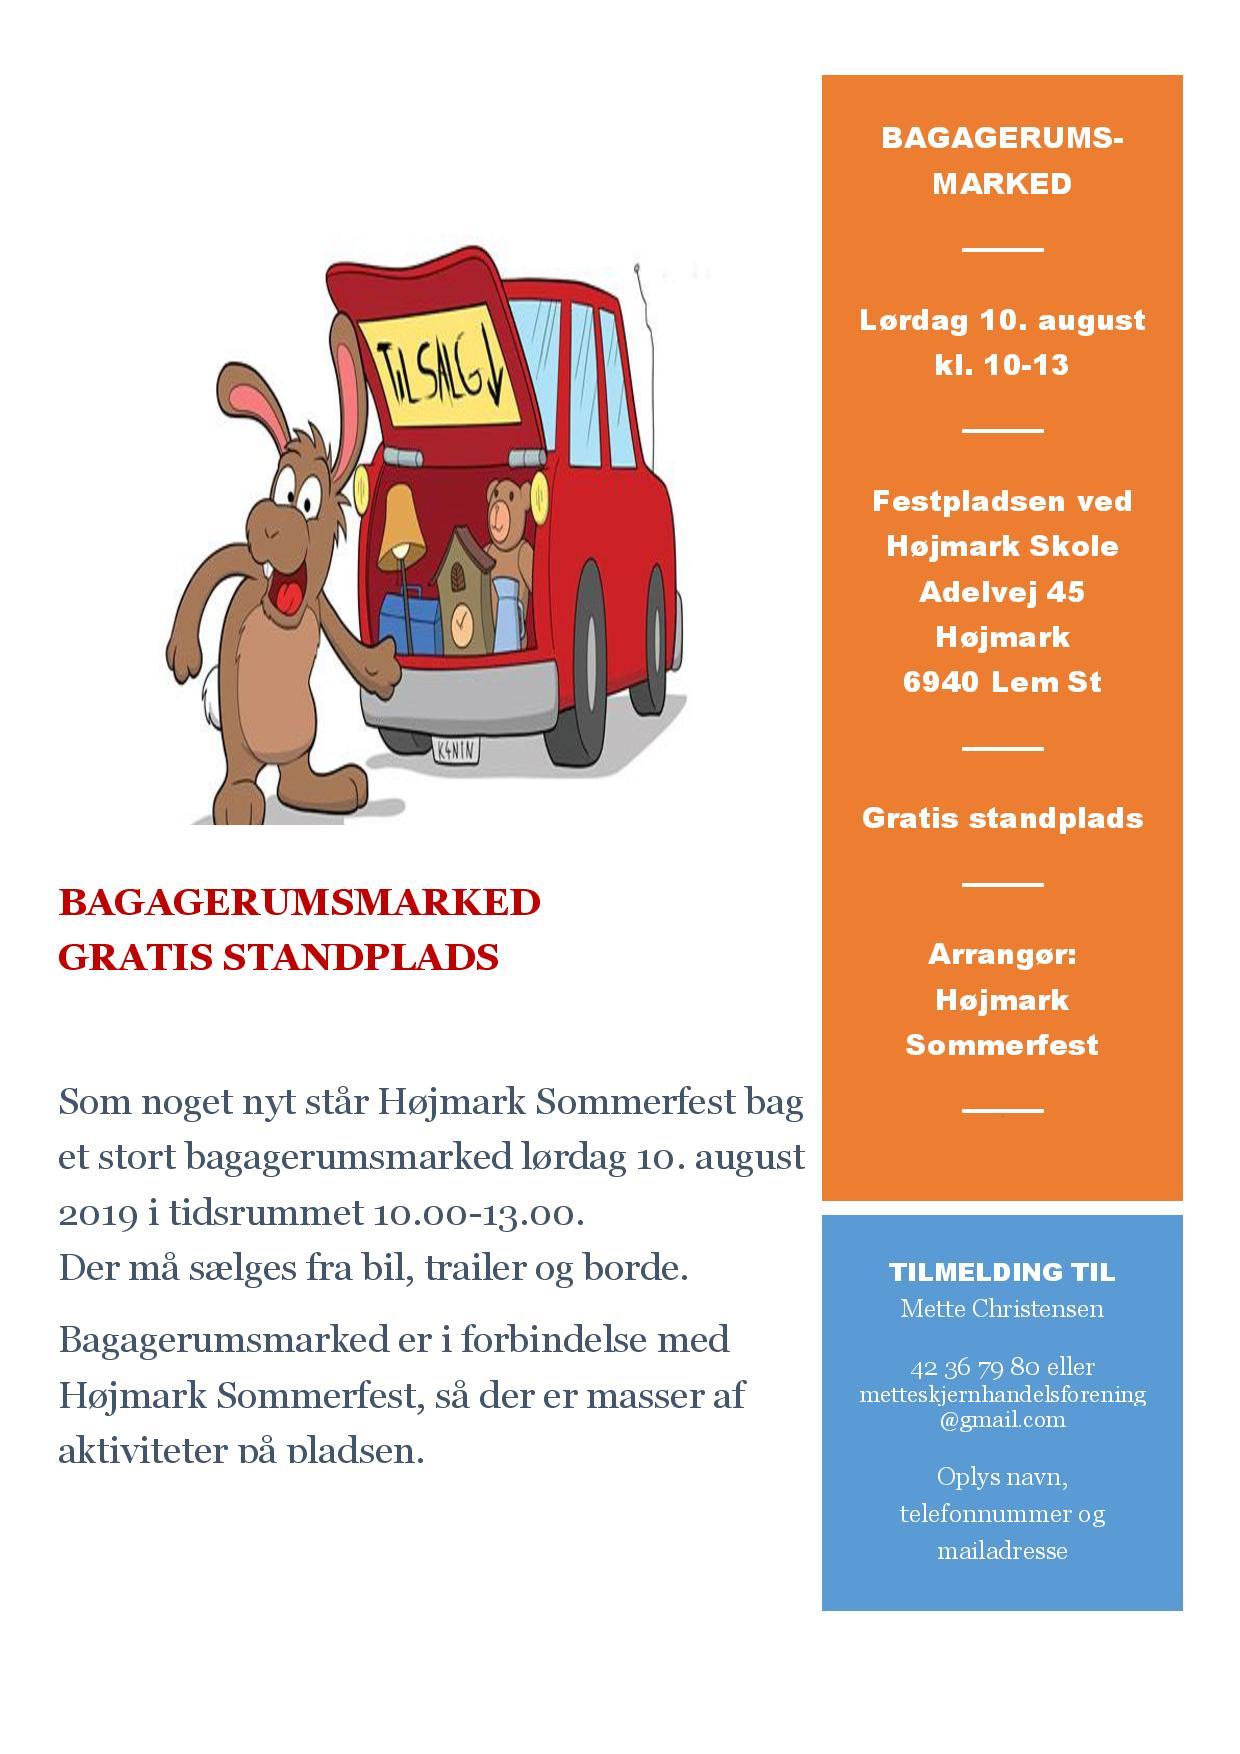 Bagagerumsmarked, Højmark Sommerfest